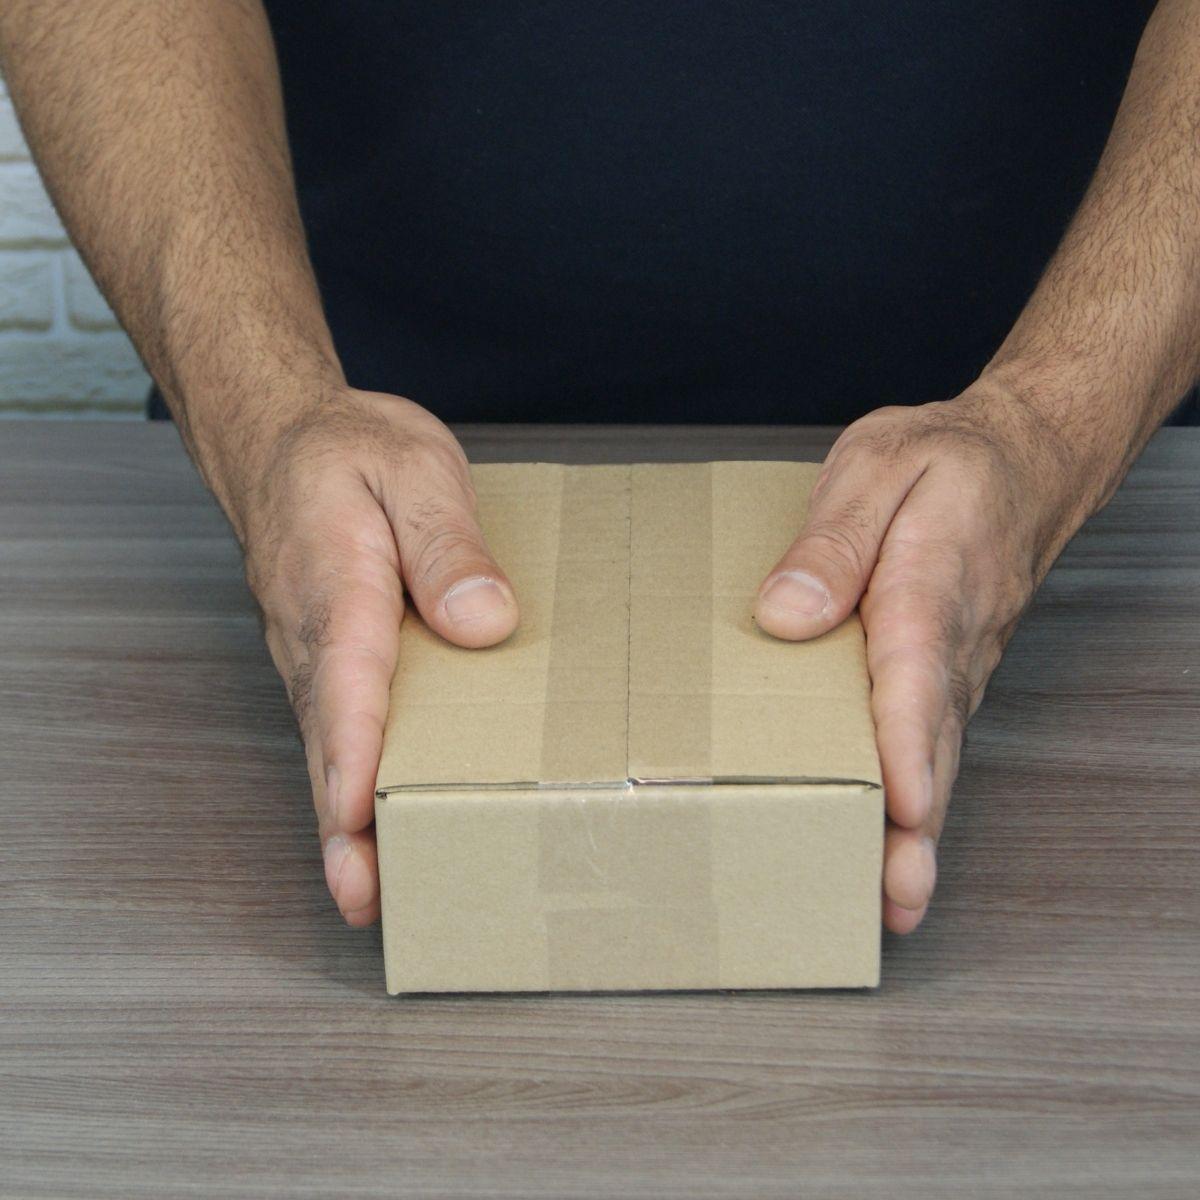 500 Caixas de Papelao (20X13X6)cm - Sedex / Pac / Correios